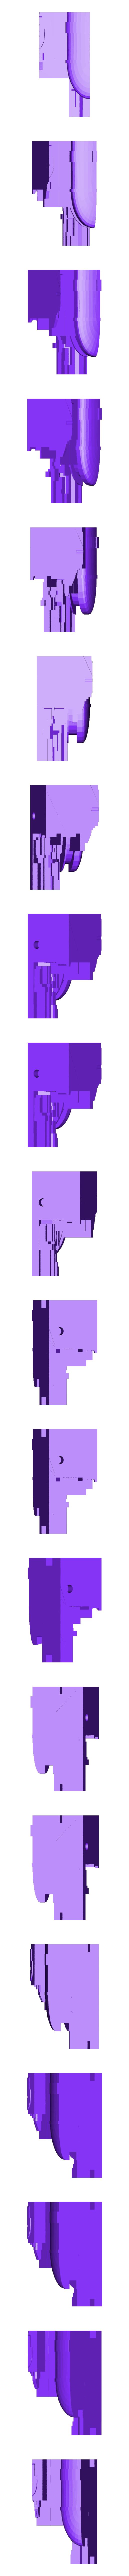 Rear_TopAB_ALT.stl Télécharger fichier STL gratuit Frégate Nebulon B (coupée et sectionnée) • Modèle pour impression 3D, Masterkookus